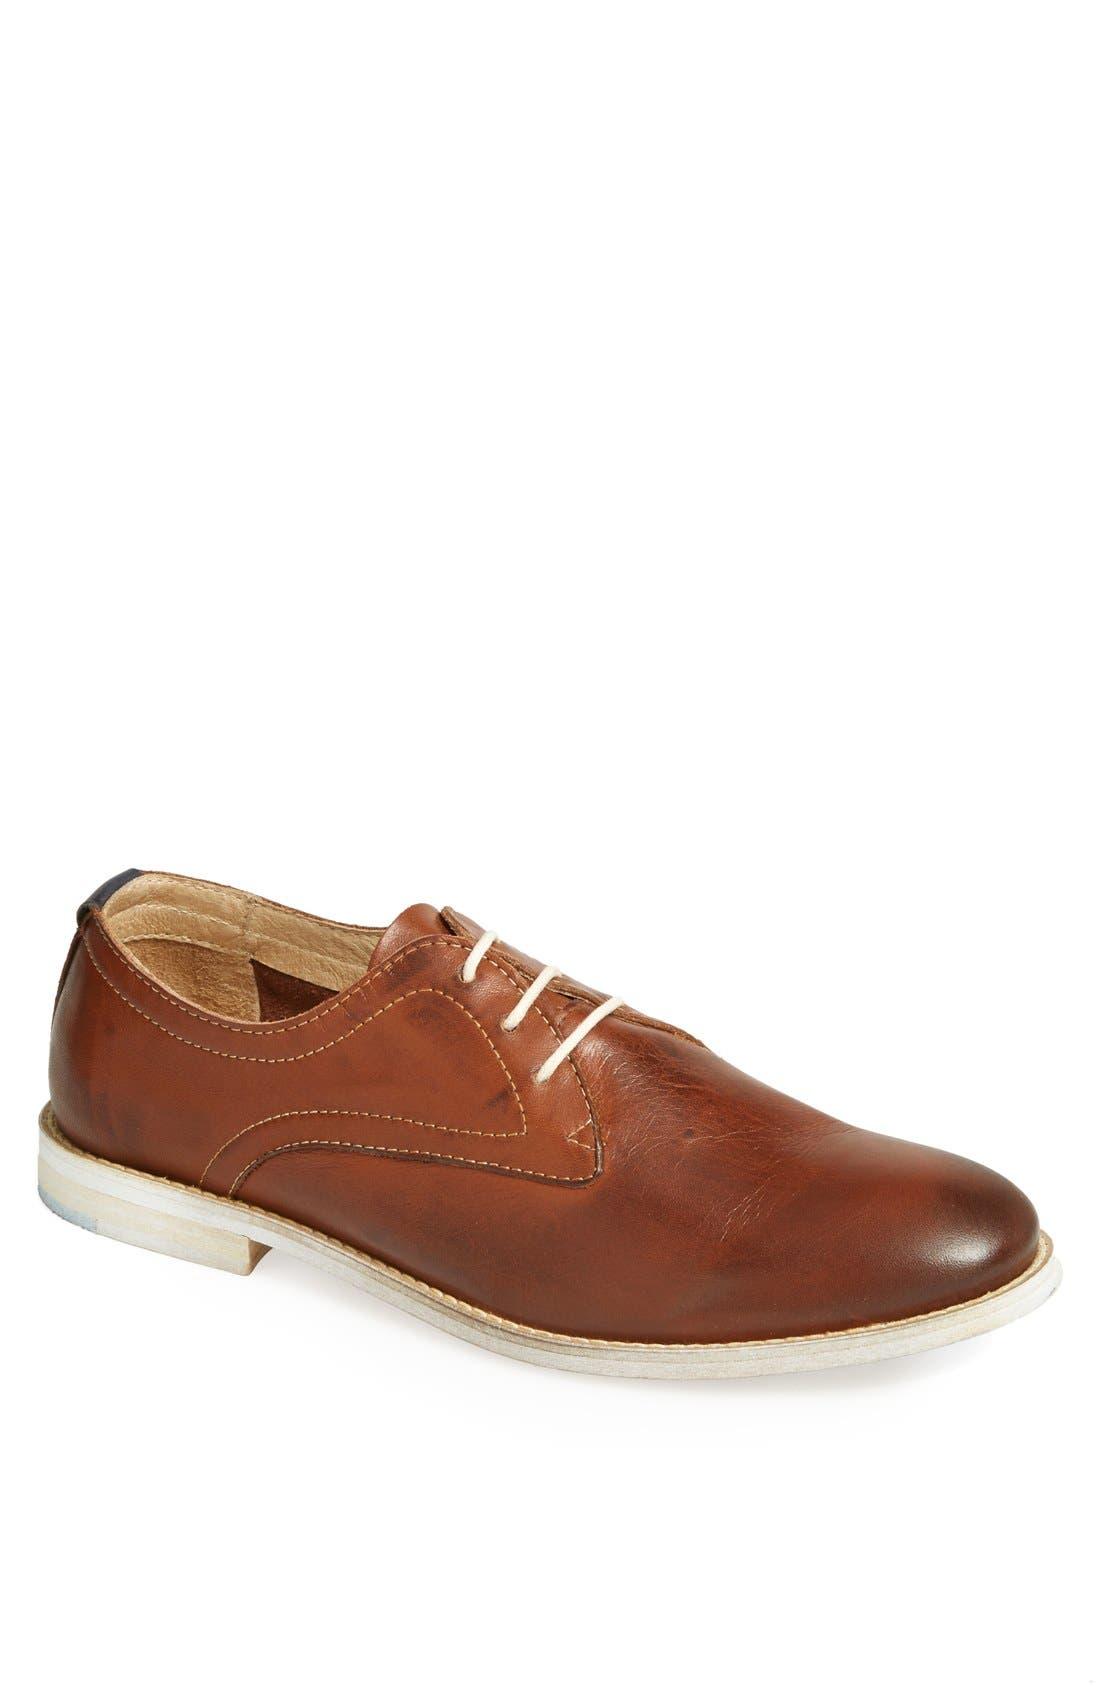 Alternate Image 1 Selected - ALDO 'Bovell' Plain Toe Derby (Men)